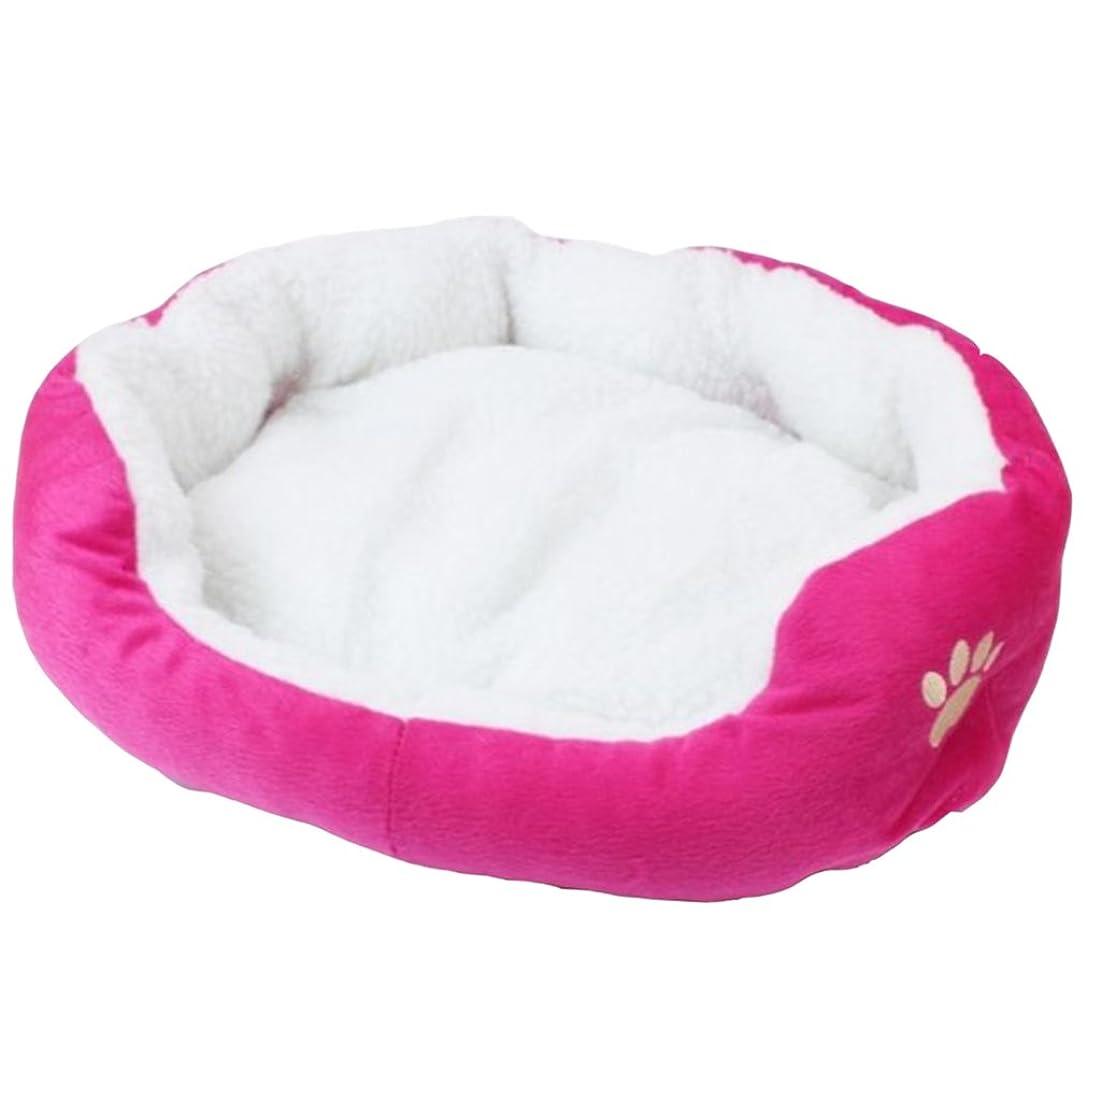 絶えずフォーラムチャートCUTICATE 猫犬用取り外し可能カバー小型サイズの保温パッド犬用ベッド抱き枕 - ローズレッド